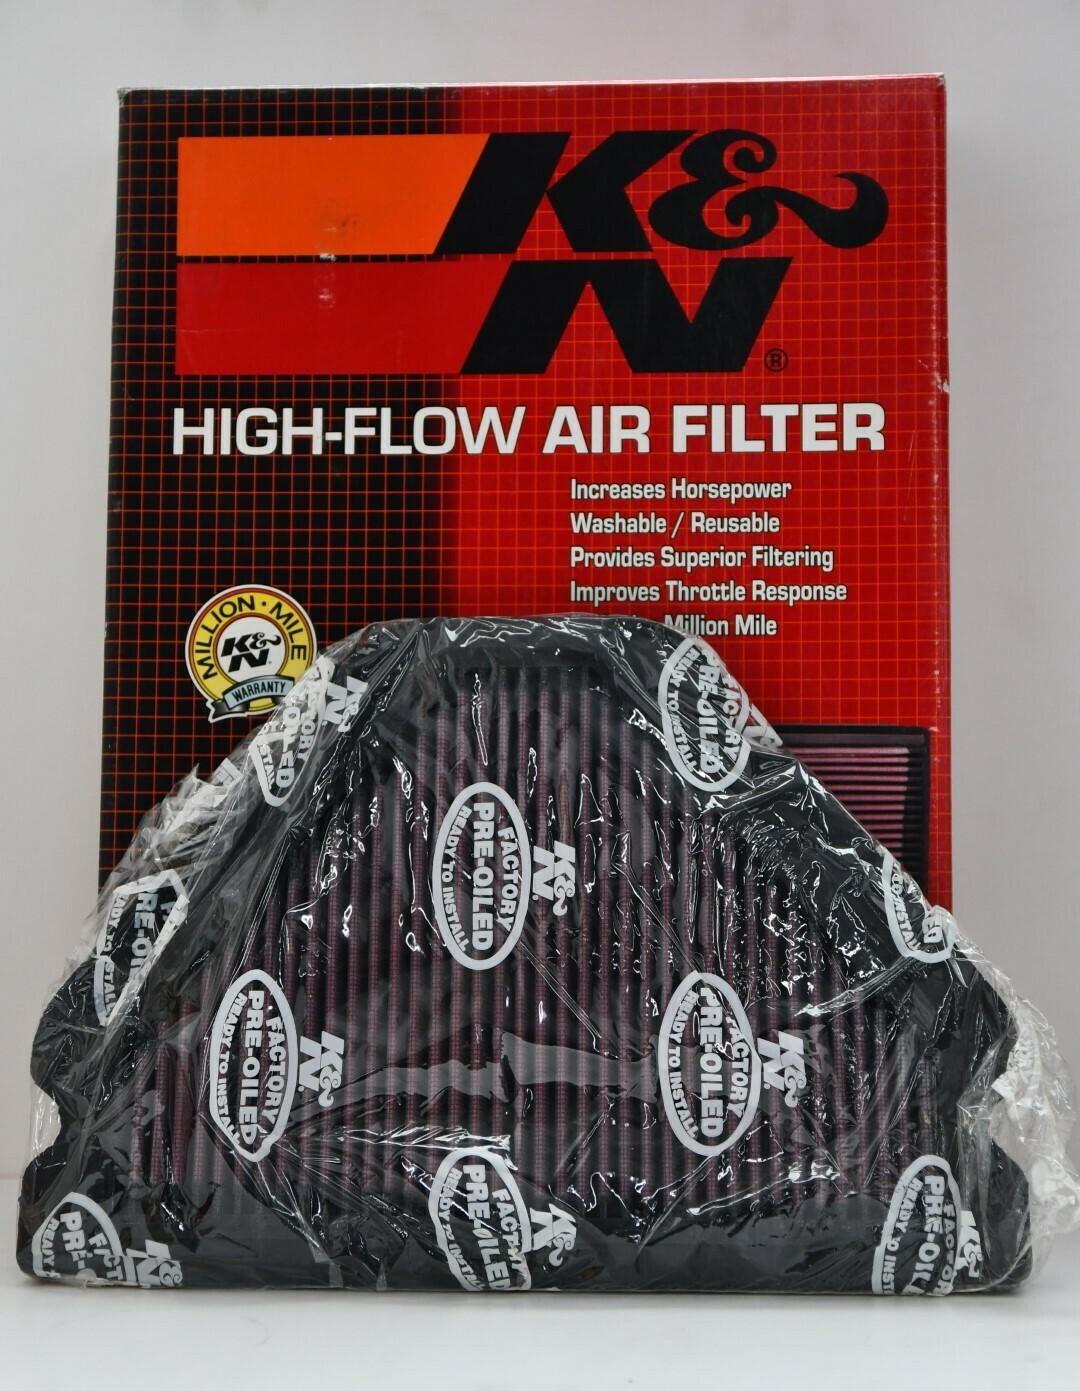 Filtro aria alte prestazione per moto KAWASAKI ZX900 Ninja ZX-9R 899 1998 2003